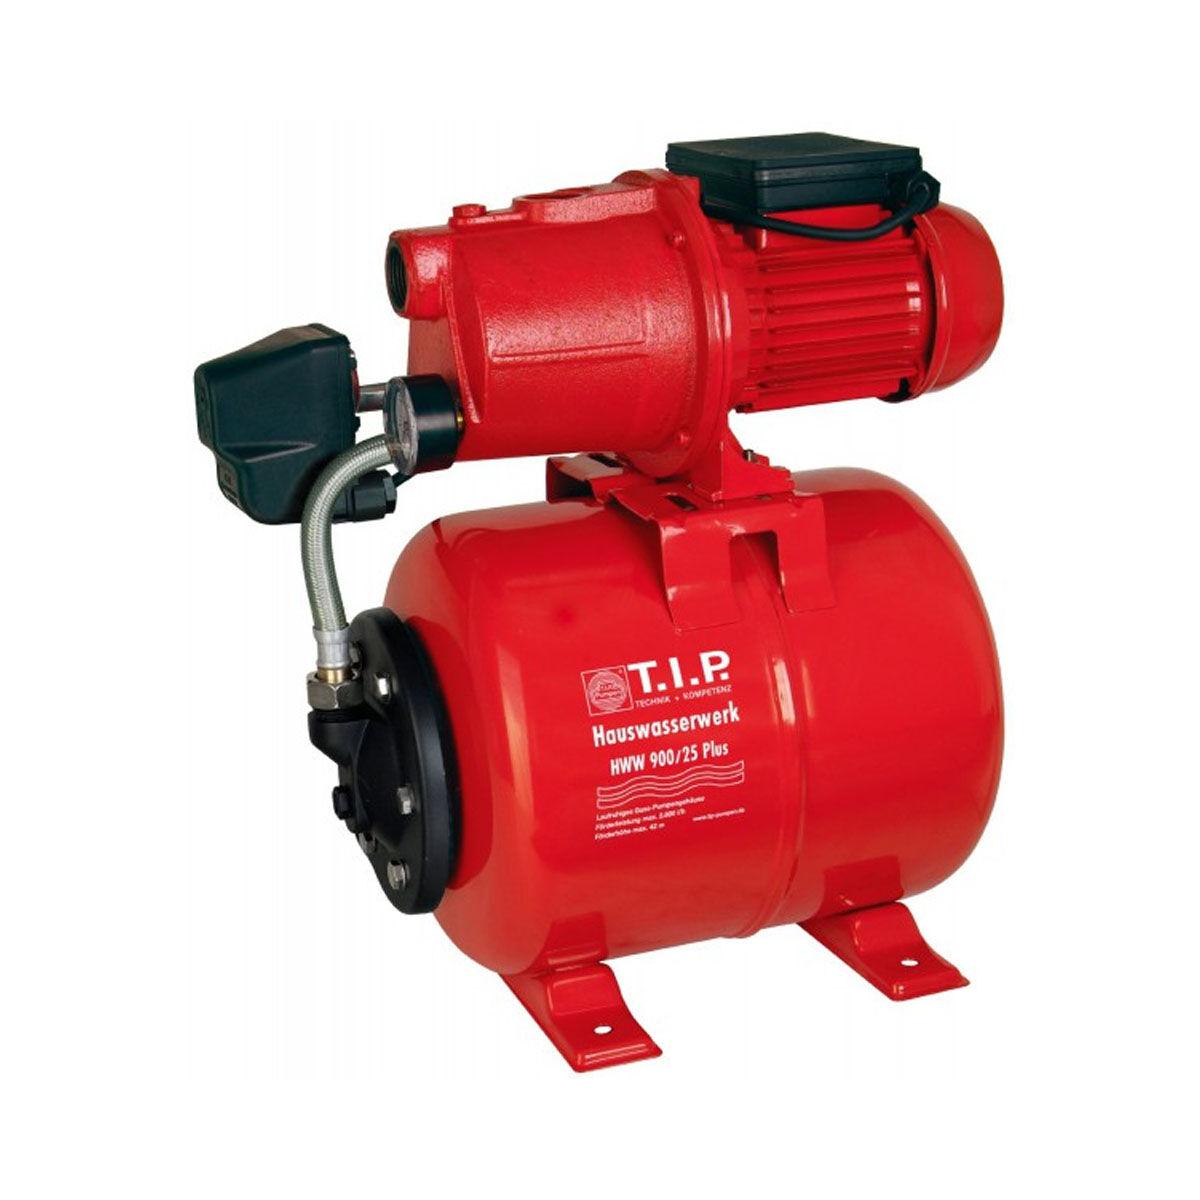 T.I.P. HWW 900/25 PLUS Pompe surpresseur